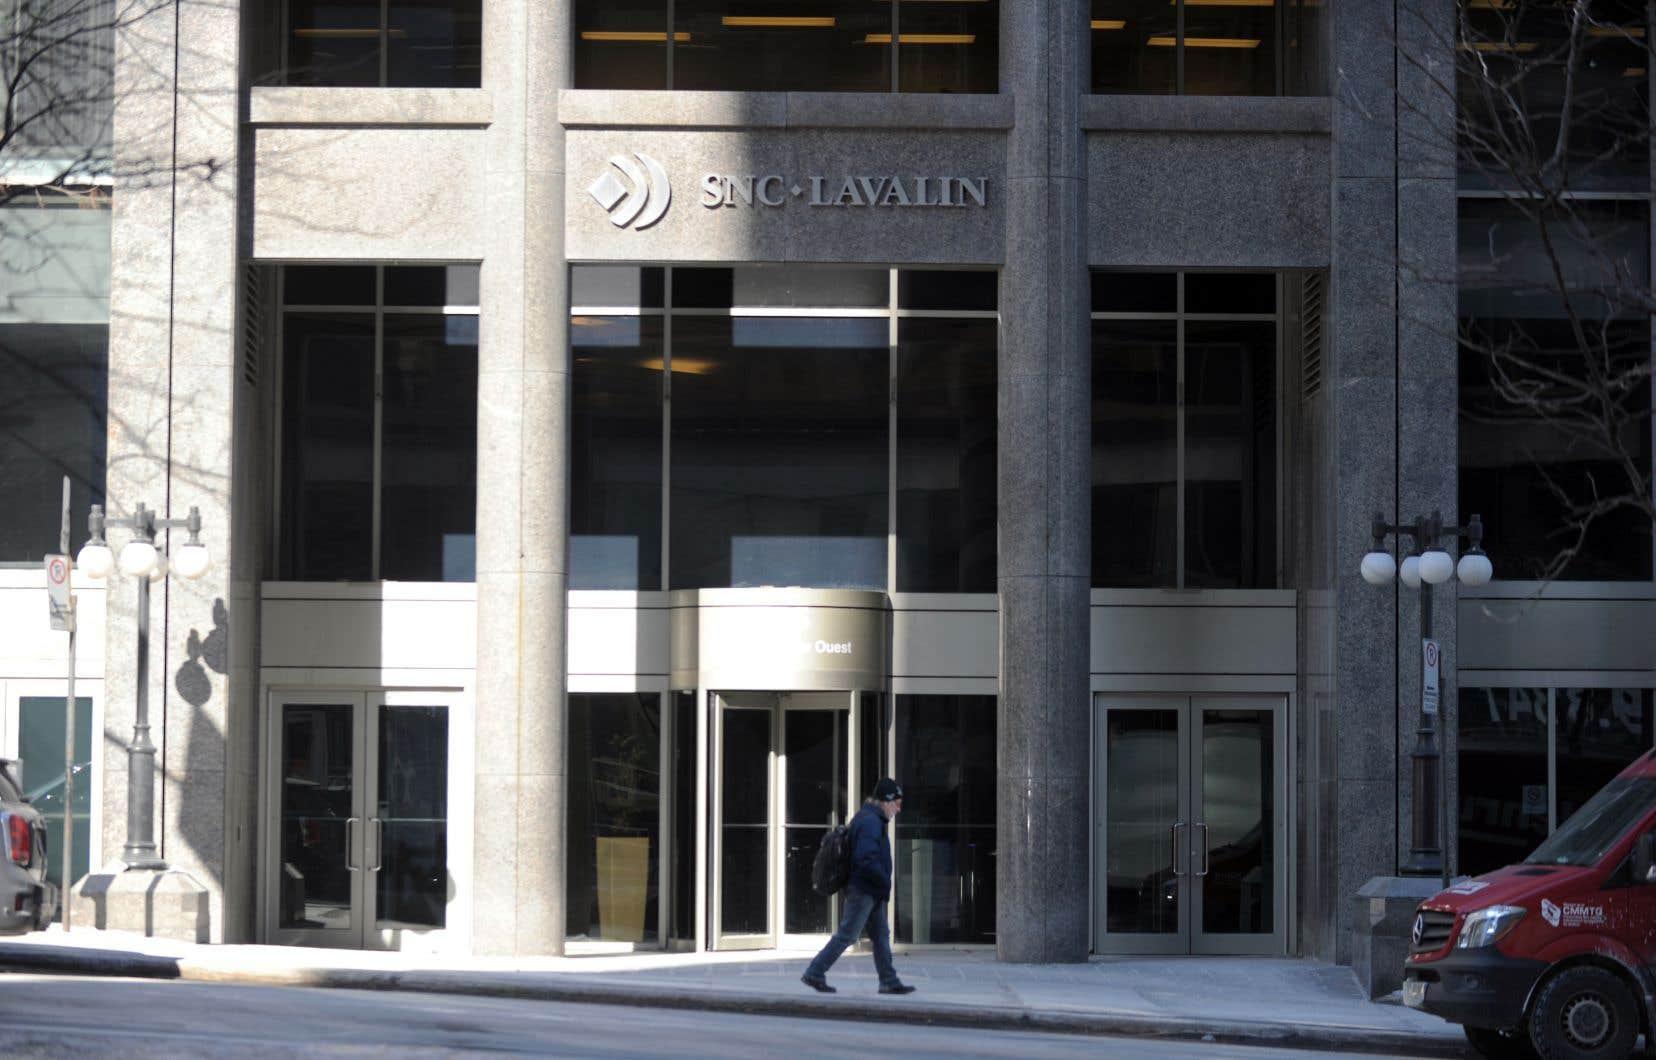 Même si la reconnaissance de culpabilité pourrait entraîner «certains risques à court terme», SNC-Lavalin ne croit pas qu'il y aura de conséquences négatives sur l'ensemble de la compagnie à plus long terme.